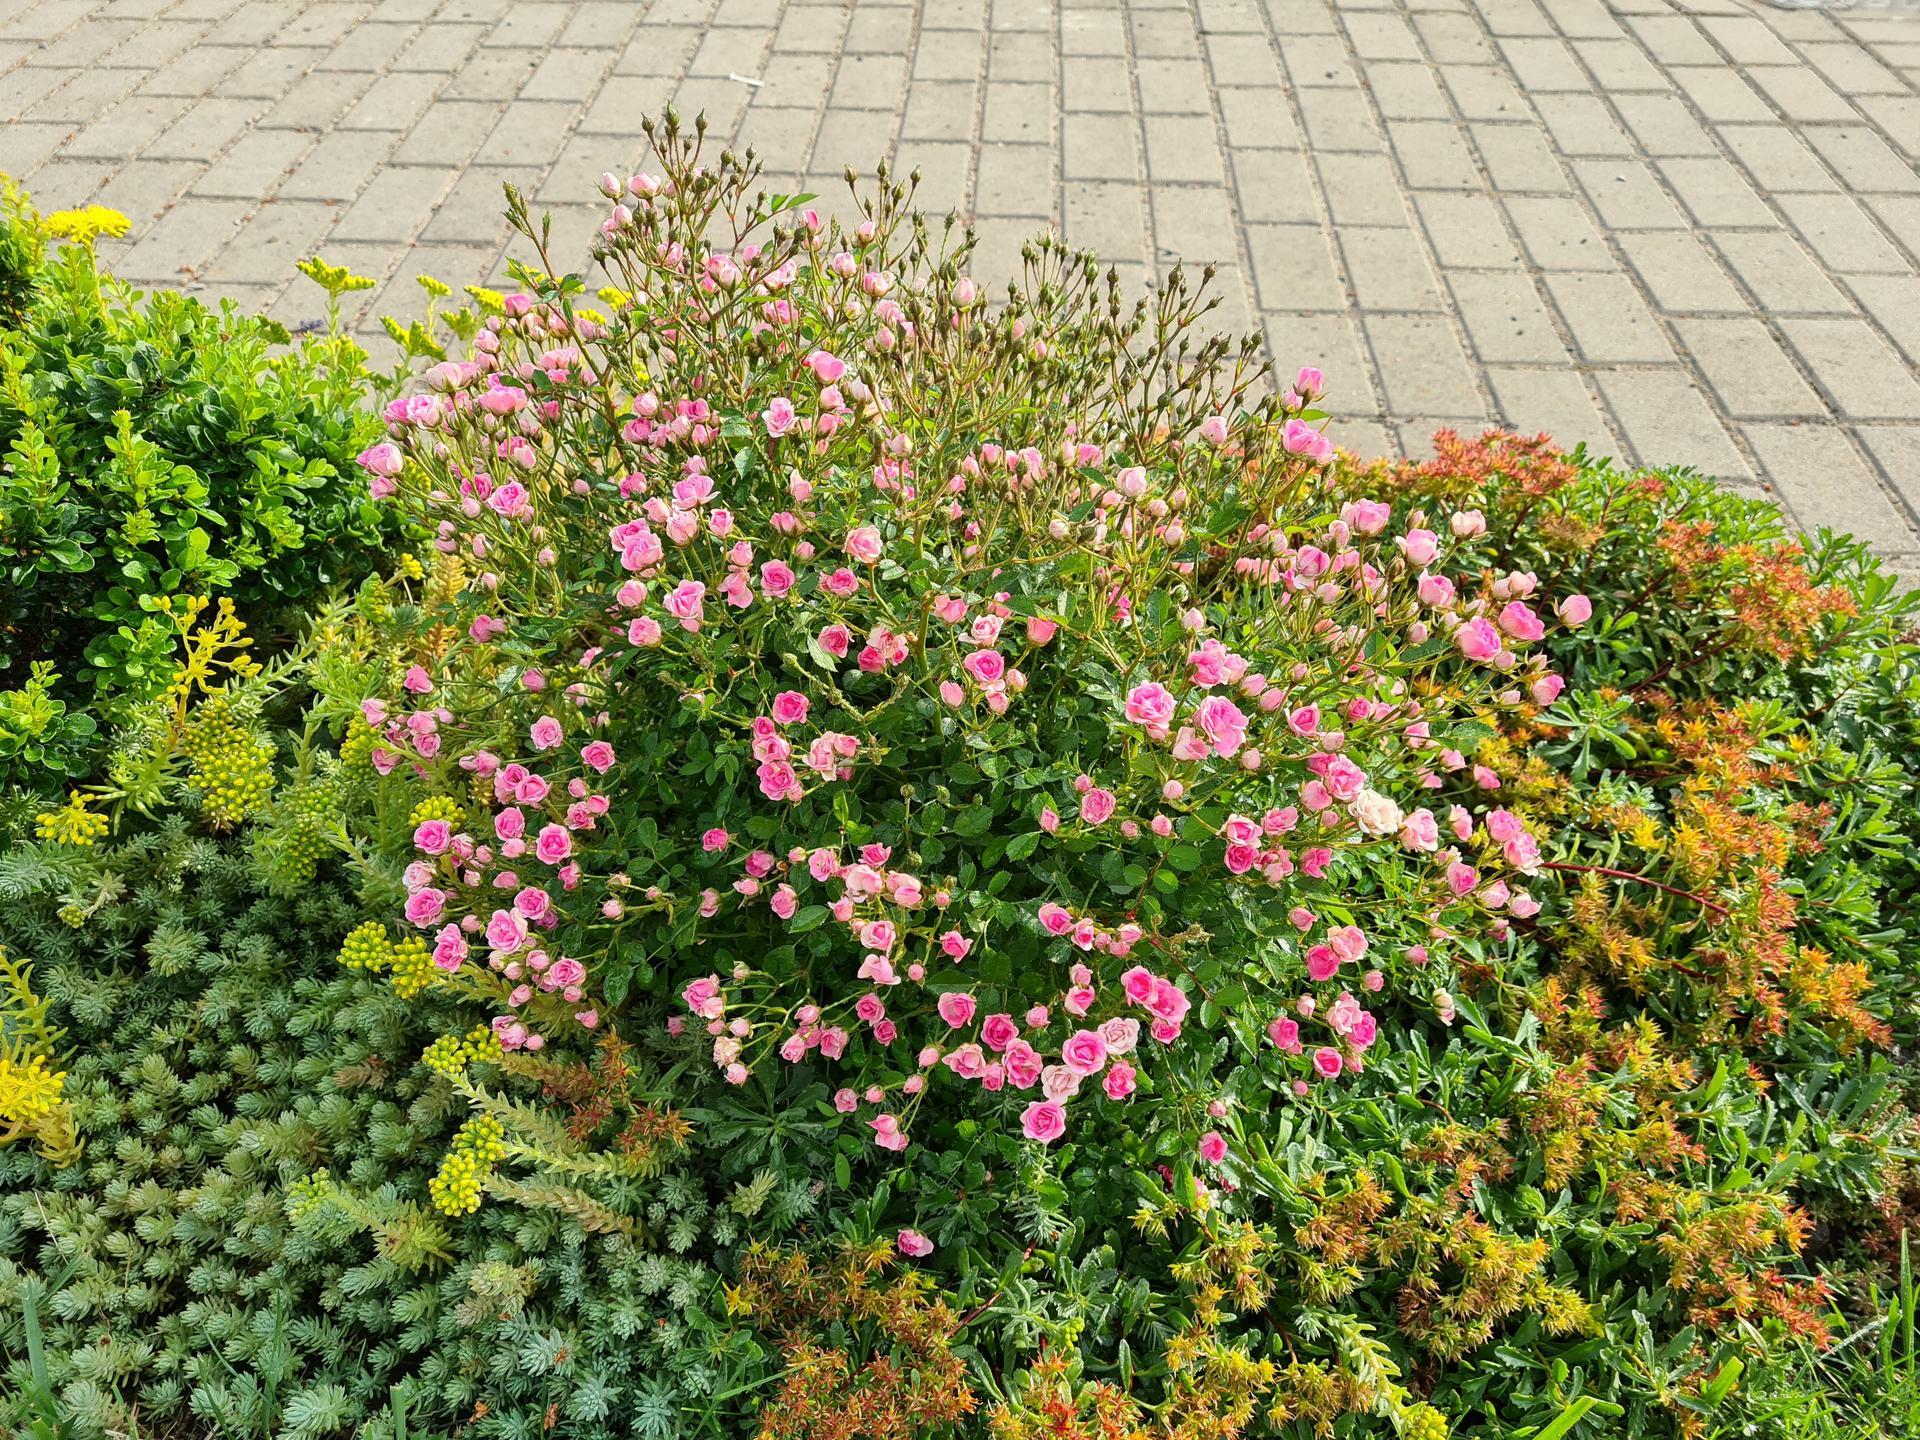 Naša záhradka 2021 - Ruzicka pred domom, sa konecne chytila a takto krasne kvitne. Dokonca uz ani msice na nej nie su.